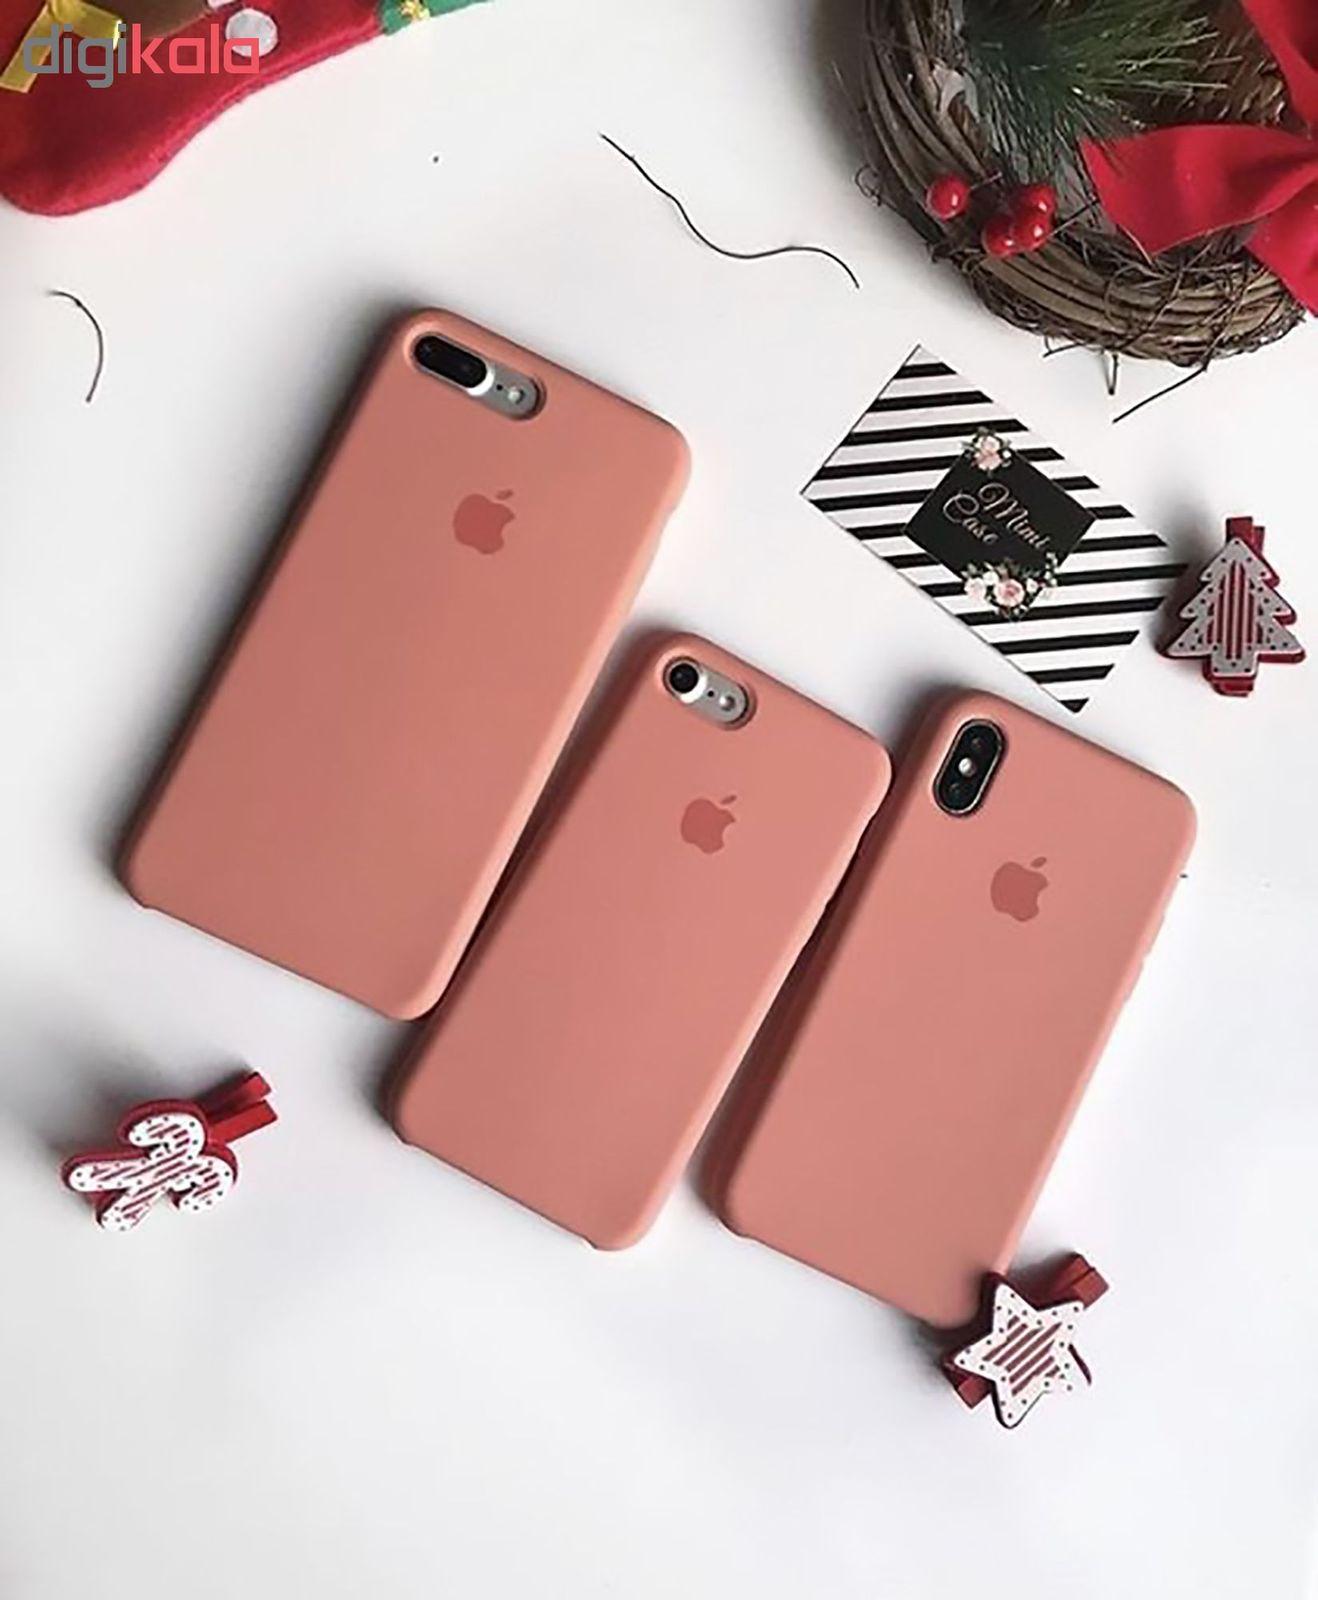 کاور مدل Silc مناسب برای گوشی موبایل اپل Iphone 8 / iphone 7 main 1 20